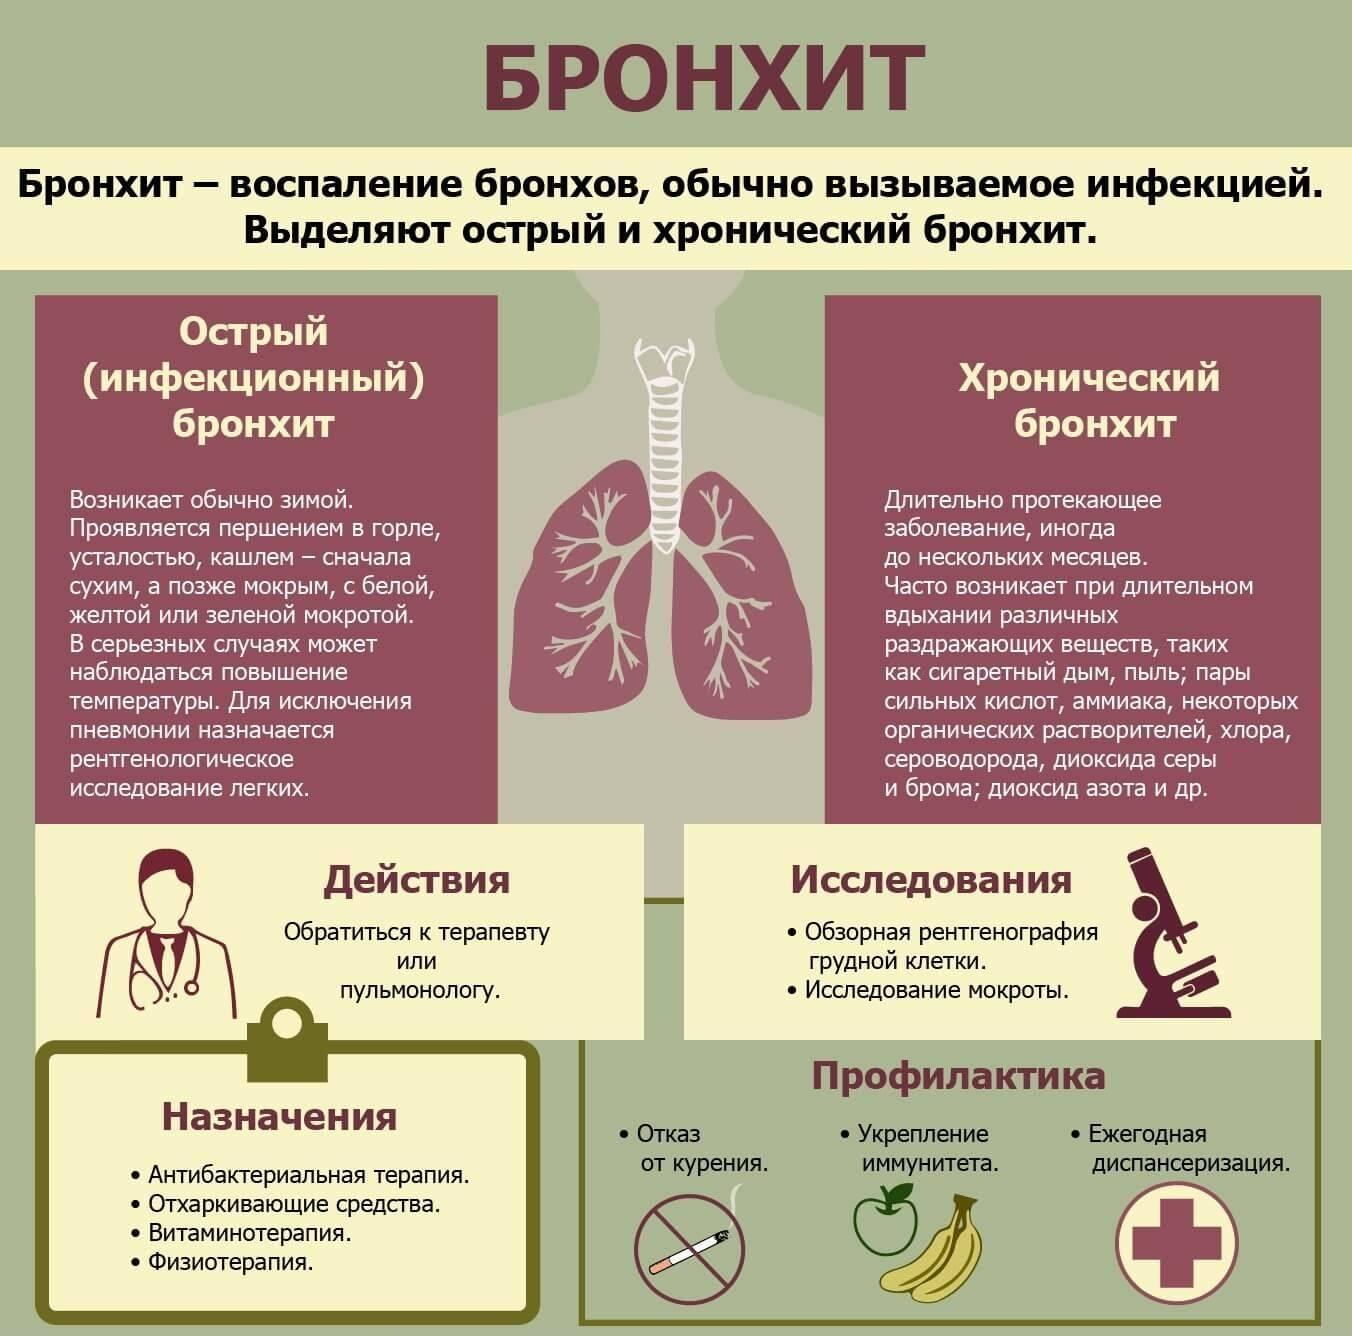 Как помочь ребёнку откашлять мокроту pulmono.ru как помочь ребёнку откашлять мокроту